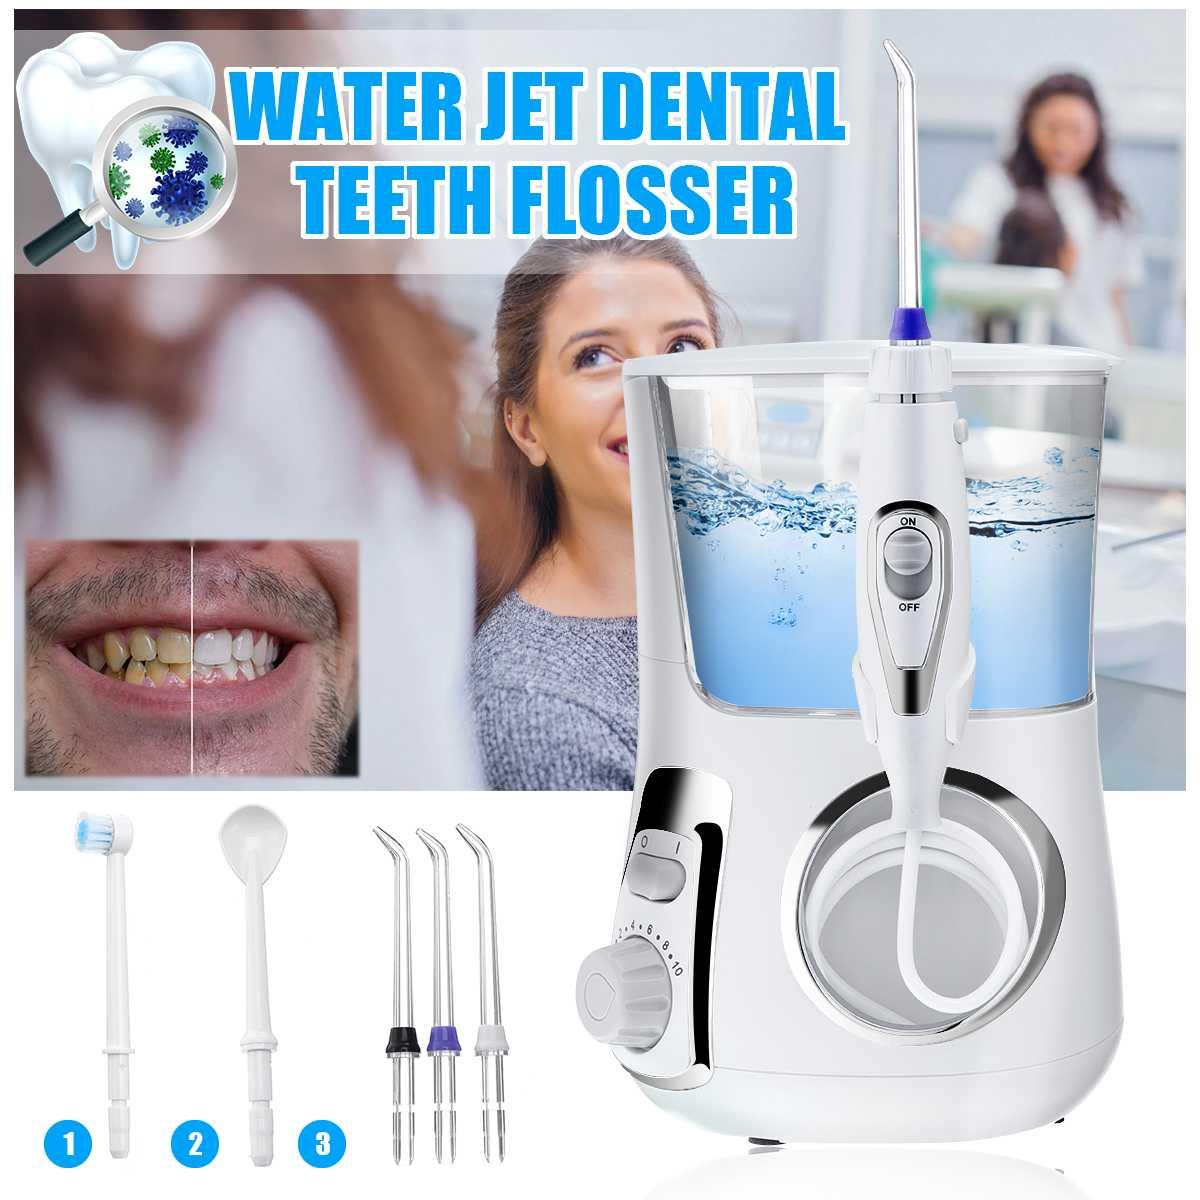 600 ML UV jet d'eau Dentaire brosse à dents électrique jet dentaire irrigateur buccal Professionnel Dentaire Spa Unité Floss Oral Irrigateur